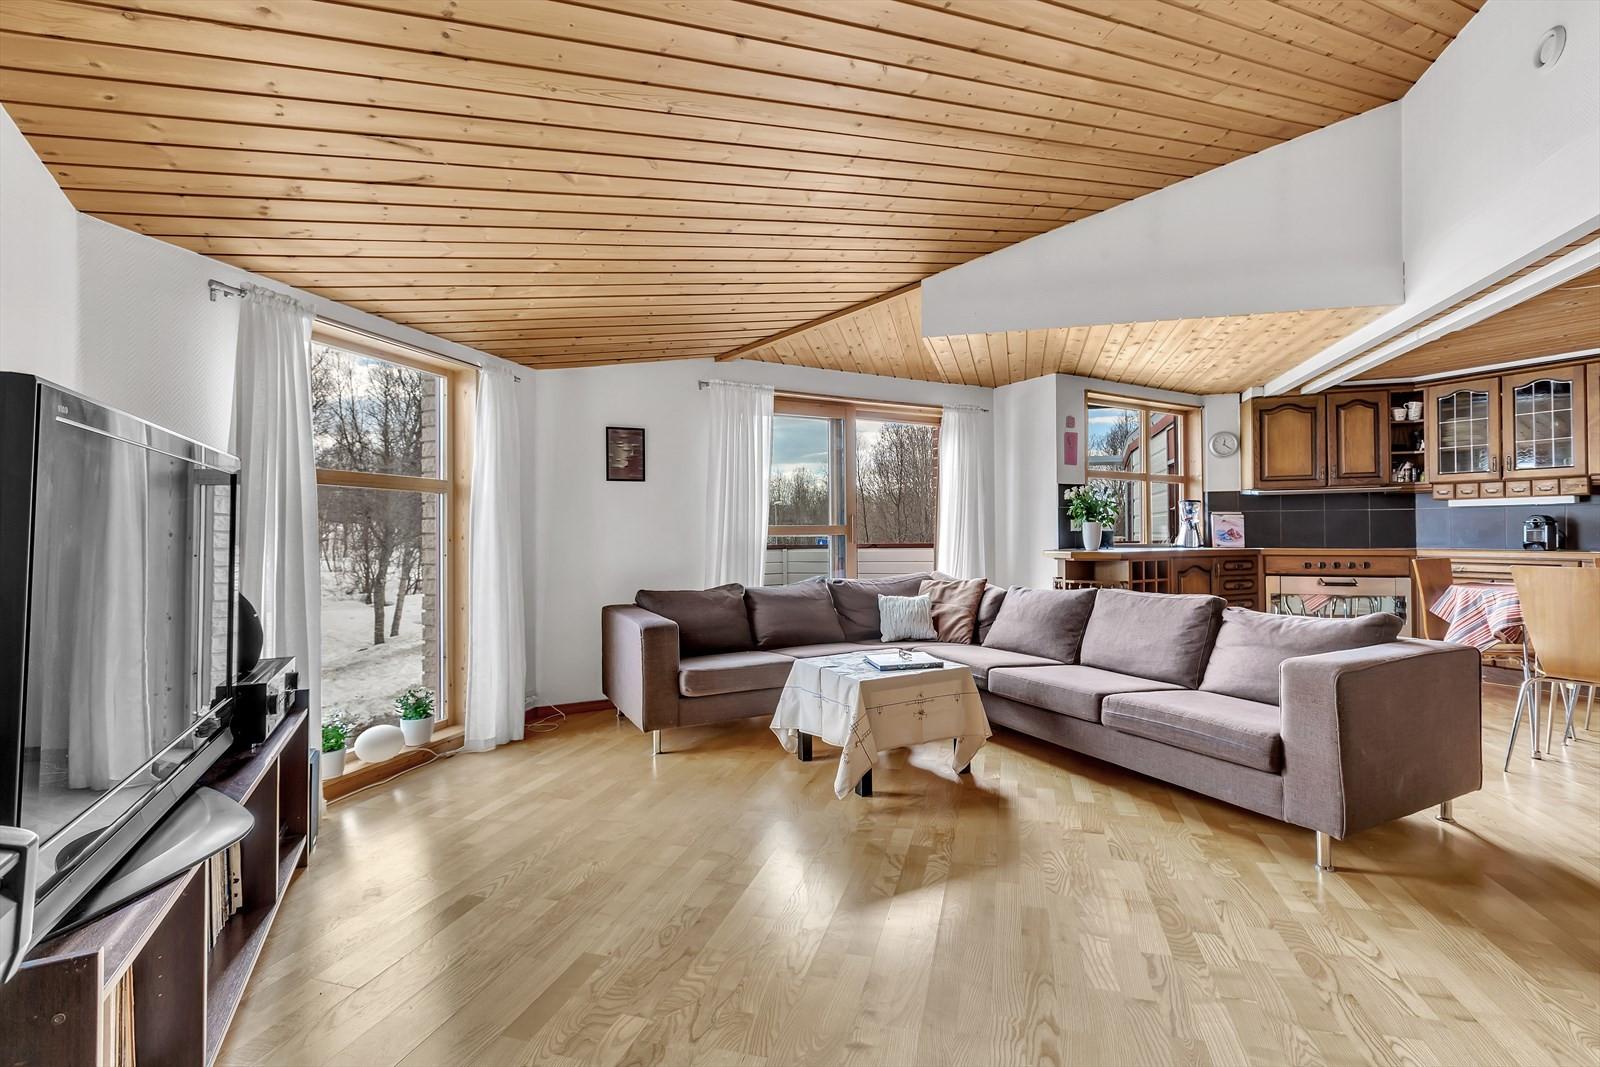 Boligen har en meget unik og tiltalende stue med god takhøyde og store vindusflater som gir gode lysforhold.